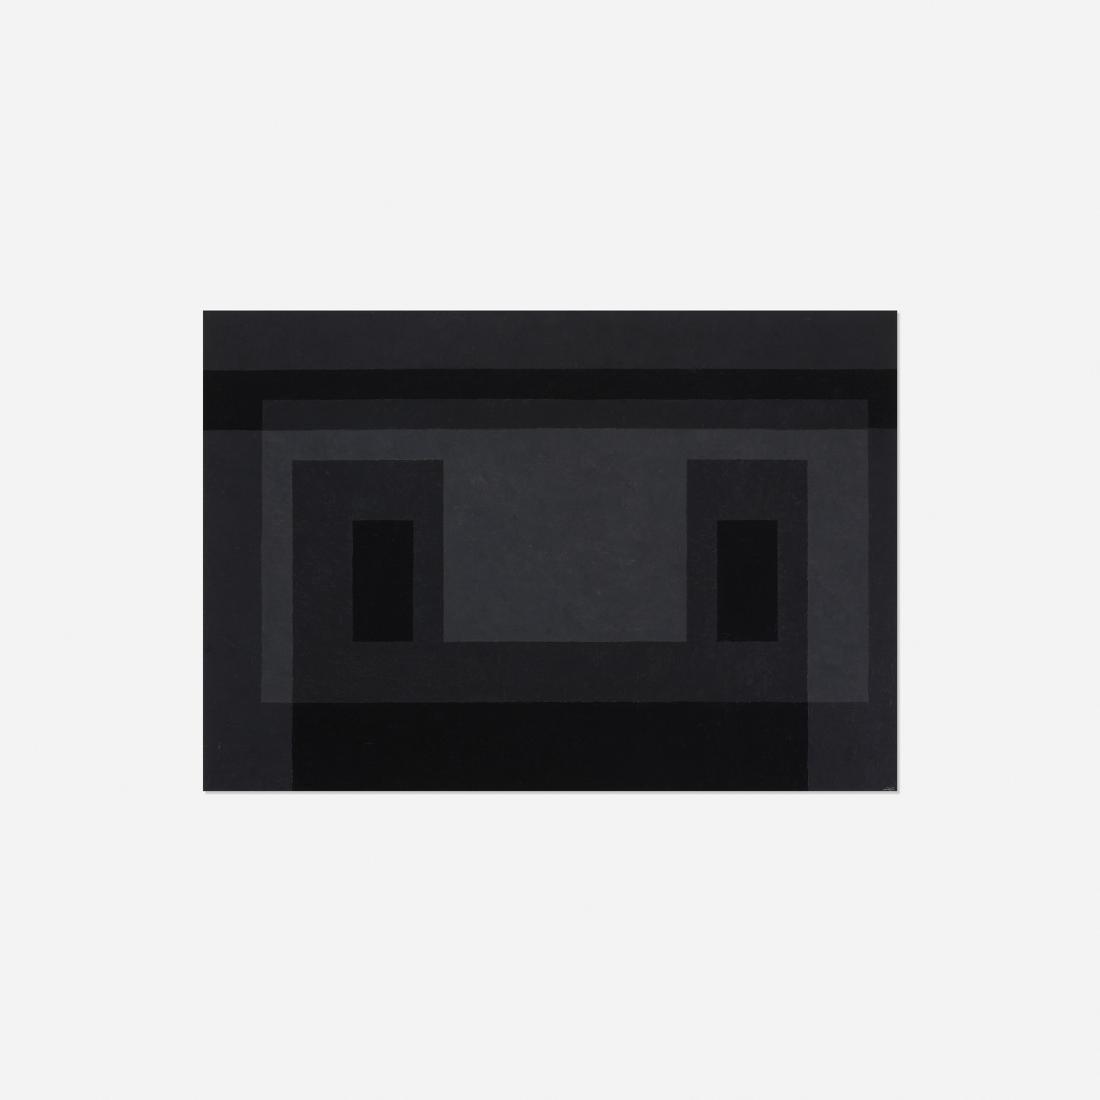 Josef Albers, Dark